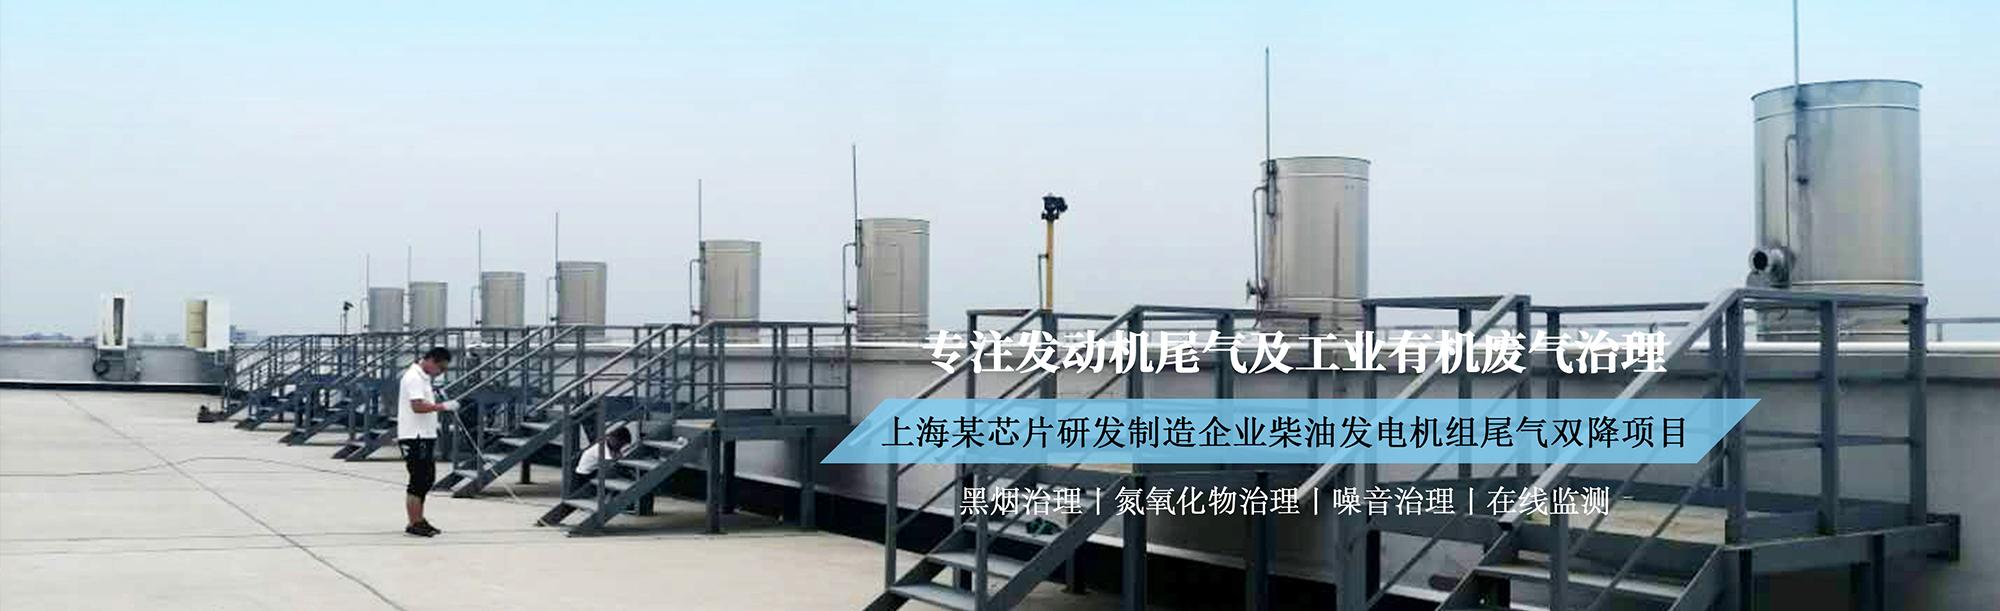 上海某芯片研发制造企业柴油发电机组尾气双降项目